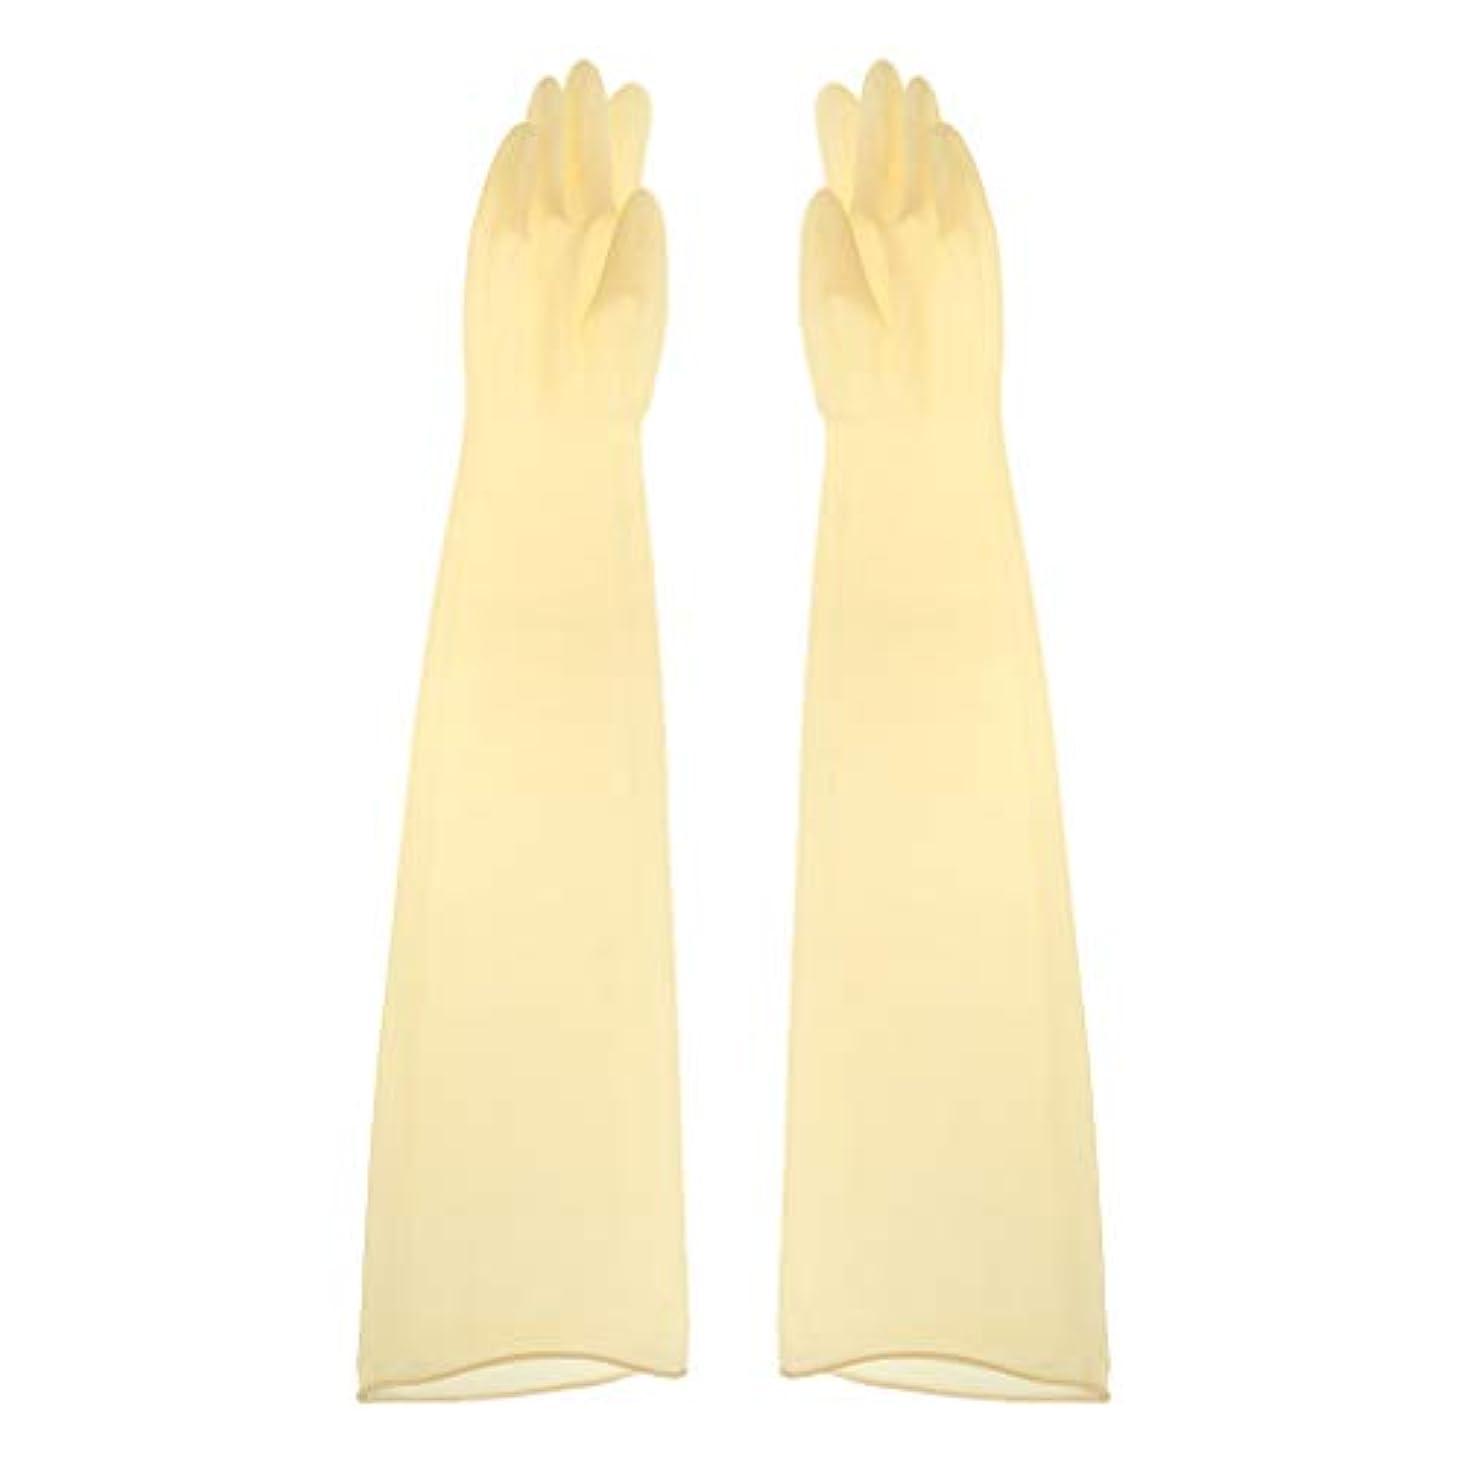 パブ秋参加者ゴム手袋 ロング 70cm 耐薬品性 酸?アルカリに強い手袋 ラテックス手袋 1ペア - 700x160x0.8mm